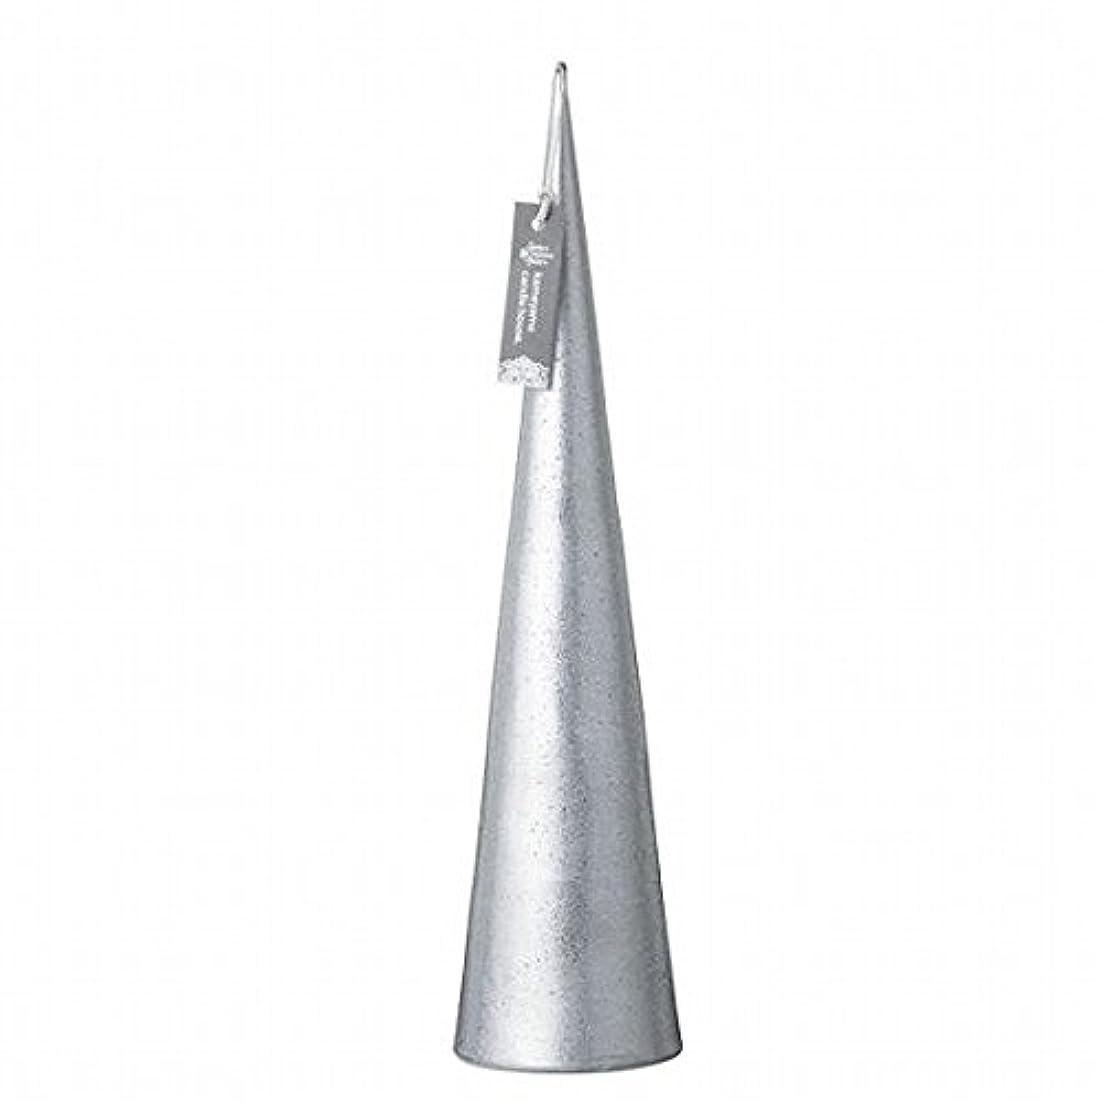 引き渡すカーテン傾向kameyama candle(カメヤマキャンドル) メタリックコーンL 「 シルバー 」(A9560120SI)